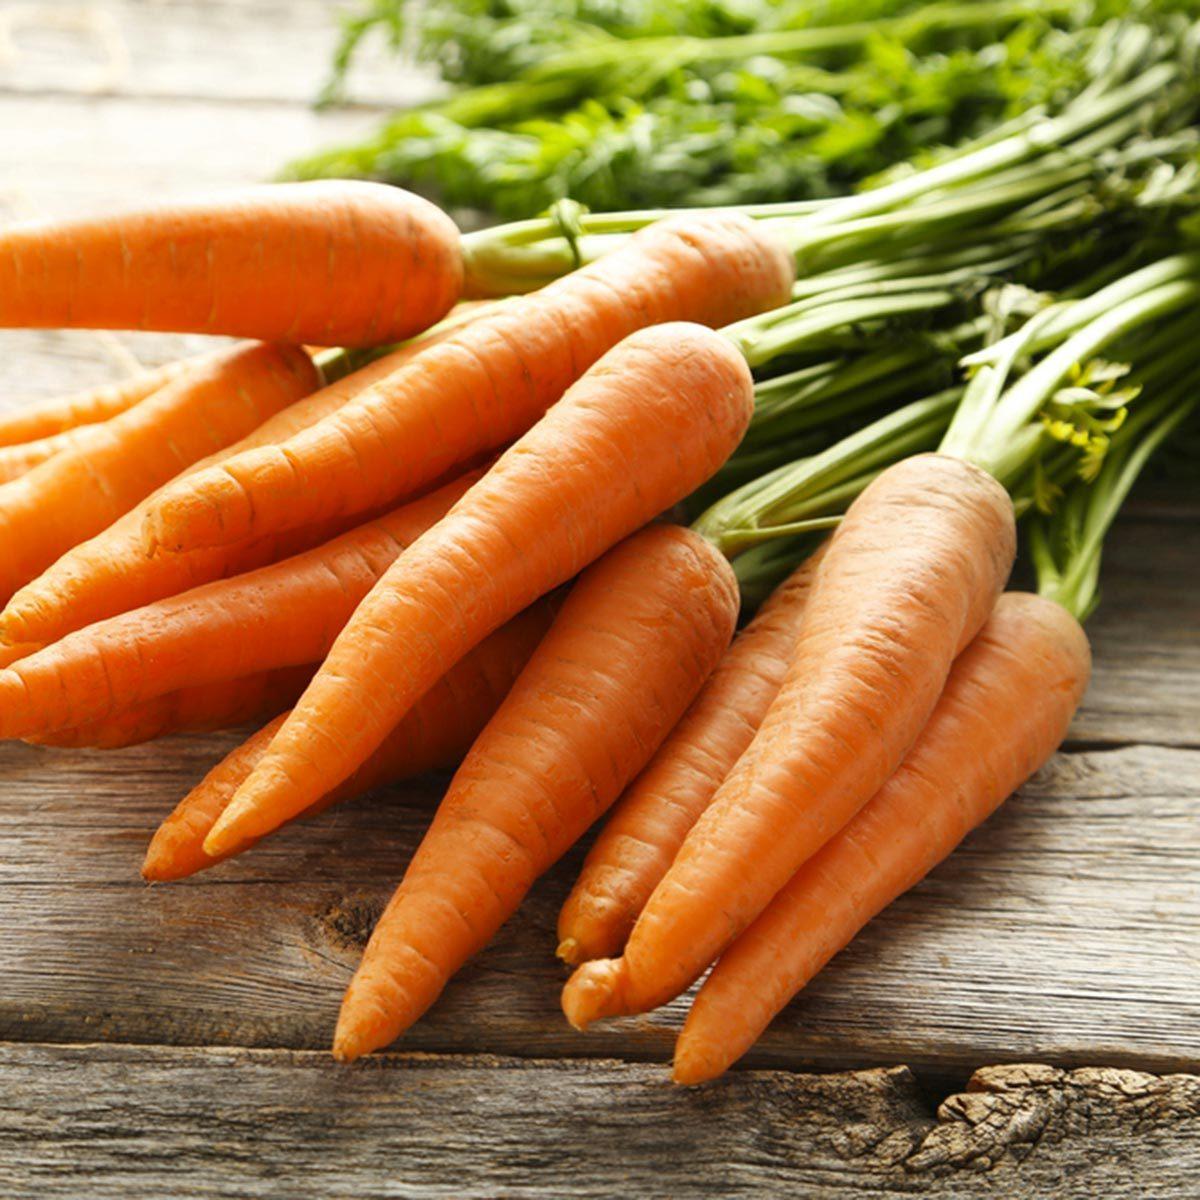 Les meilleurs aliments pour avoir une belle peau : les carottes.